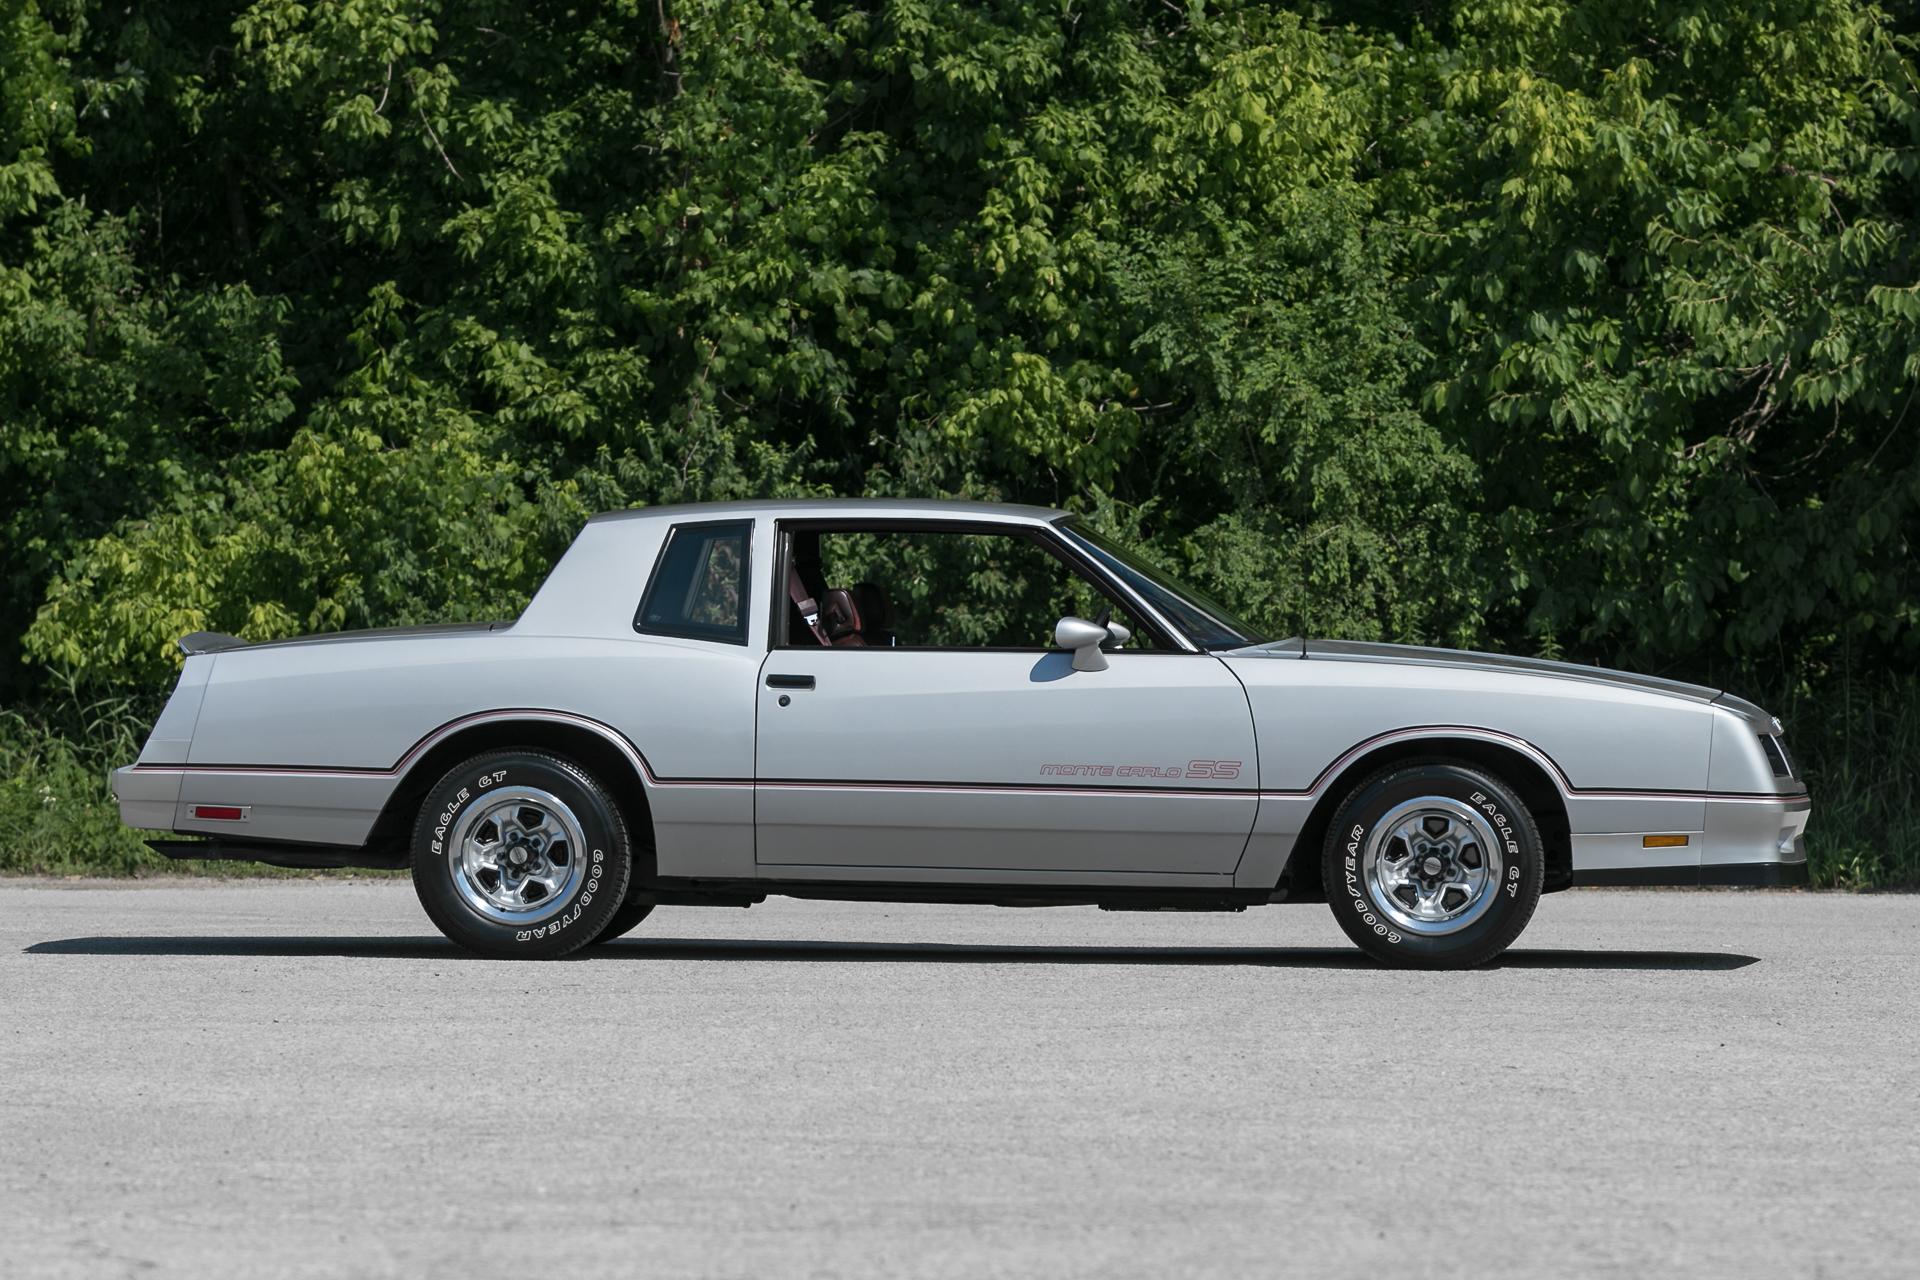 1985 chevrolet monte carlo fast lane classic cars rh fastlanecars com 1985 Chevrolet Monte Carlo SS 1987 Chevrolet Monte Carlo